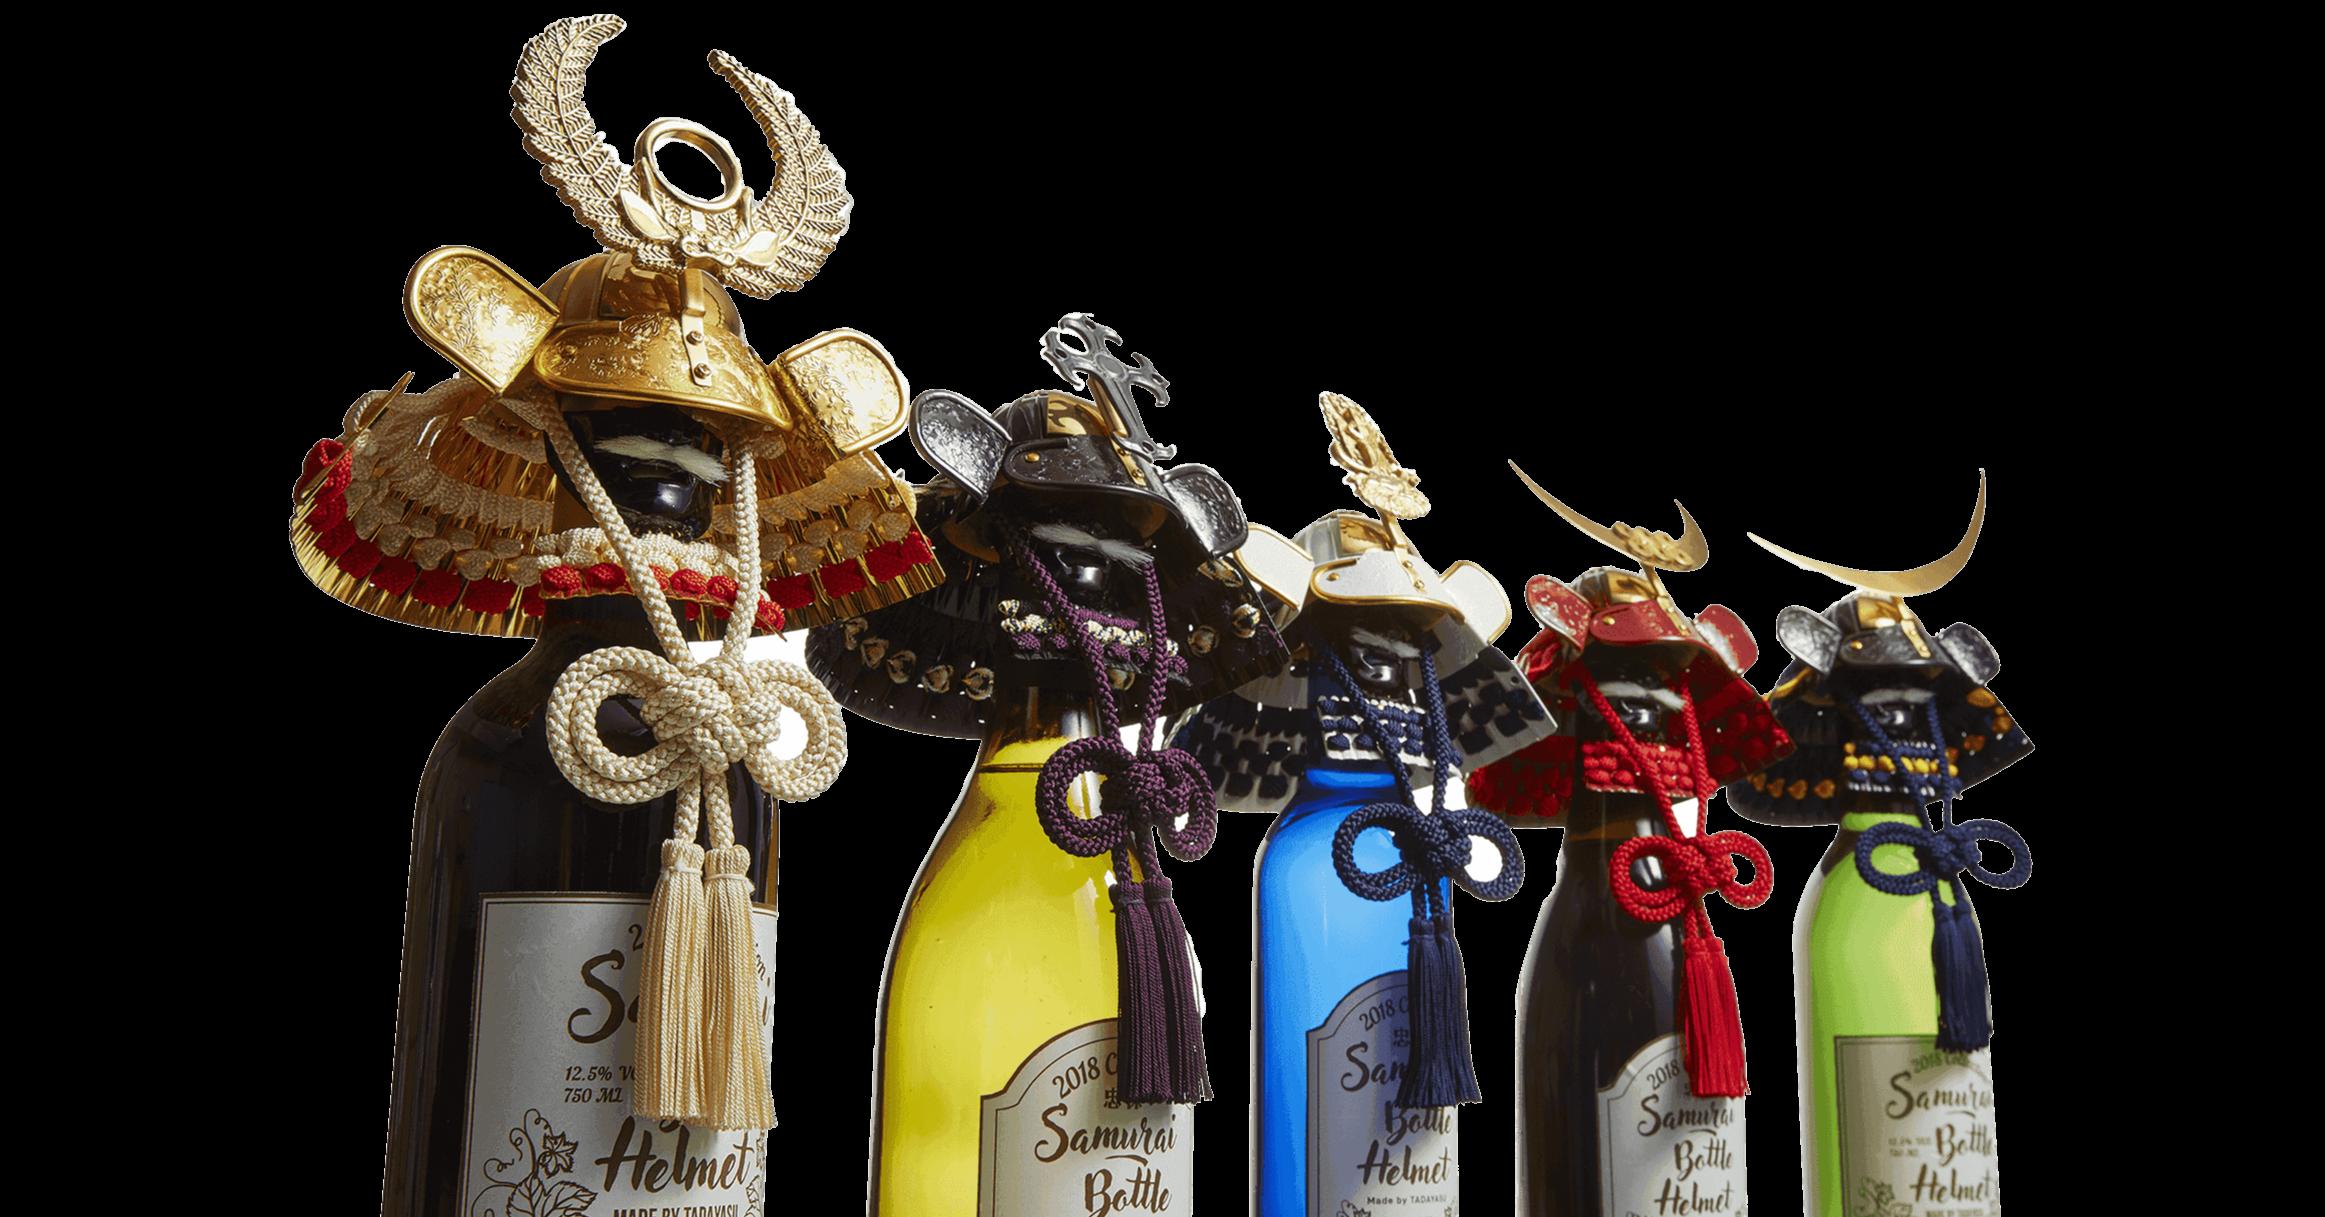 株式会社アンカー, Samurai, , Bottle, Japanese armour, Kabuto, Advertising, Advertising agency, , , , Wine bottle, Bottle, Product, Fashion accessory, Liqueur,產品,時尚配飾,廣告,瓶子,利口酒,武士,kabuto,日本盔甲,廣告公司,酒瓶